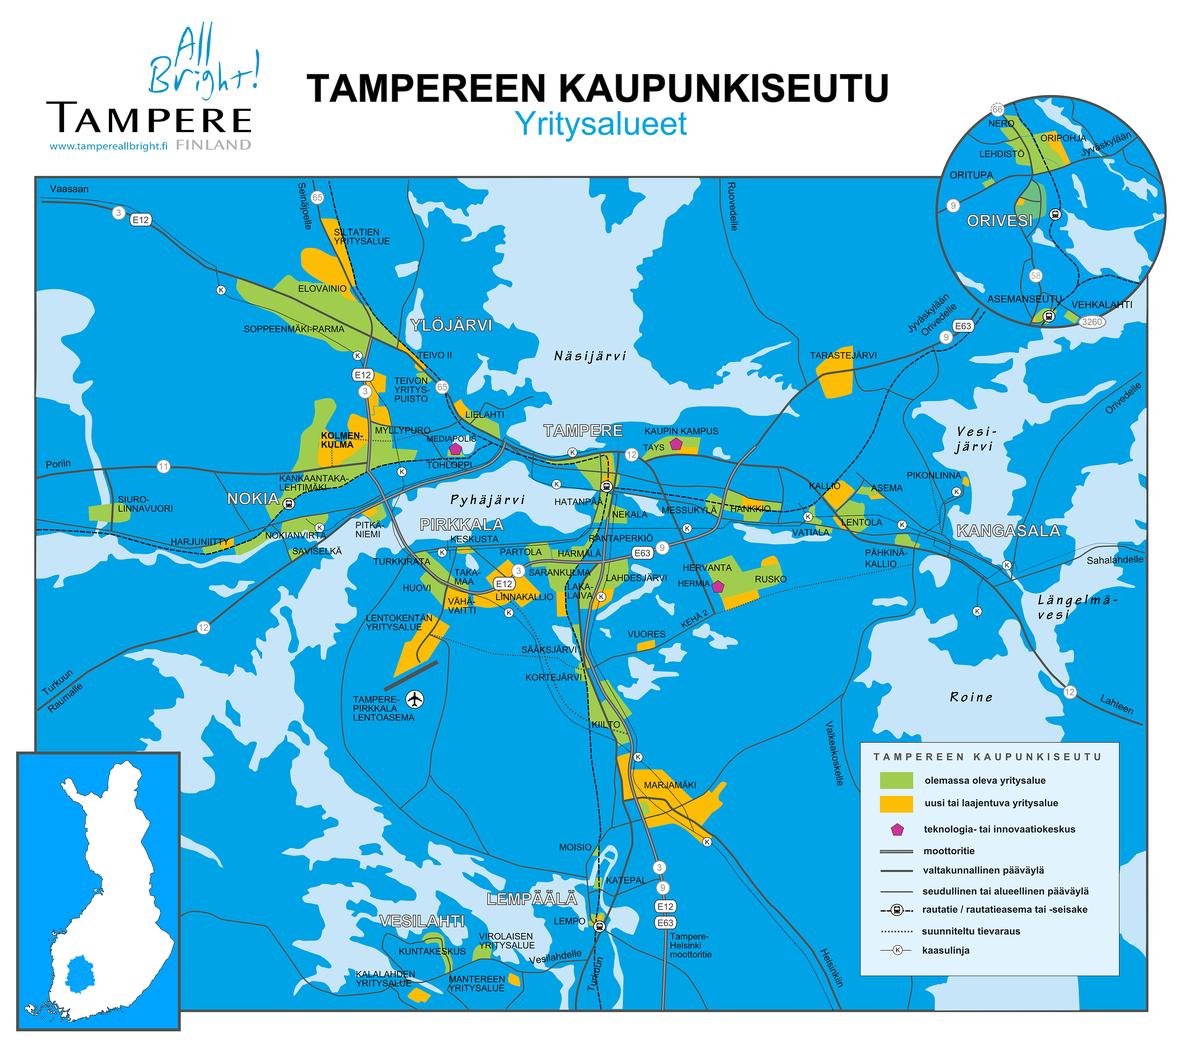 Tampereen kaupunkiseutu kartta